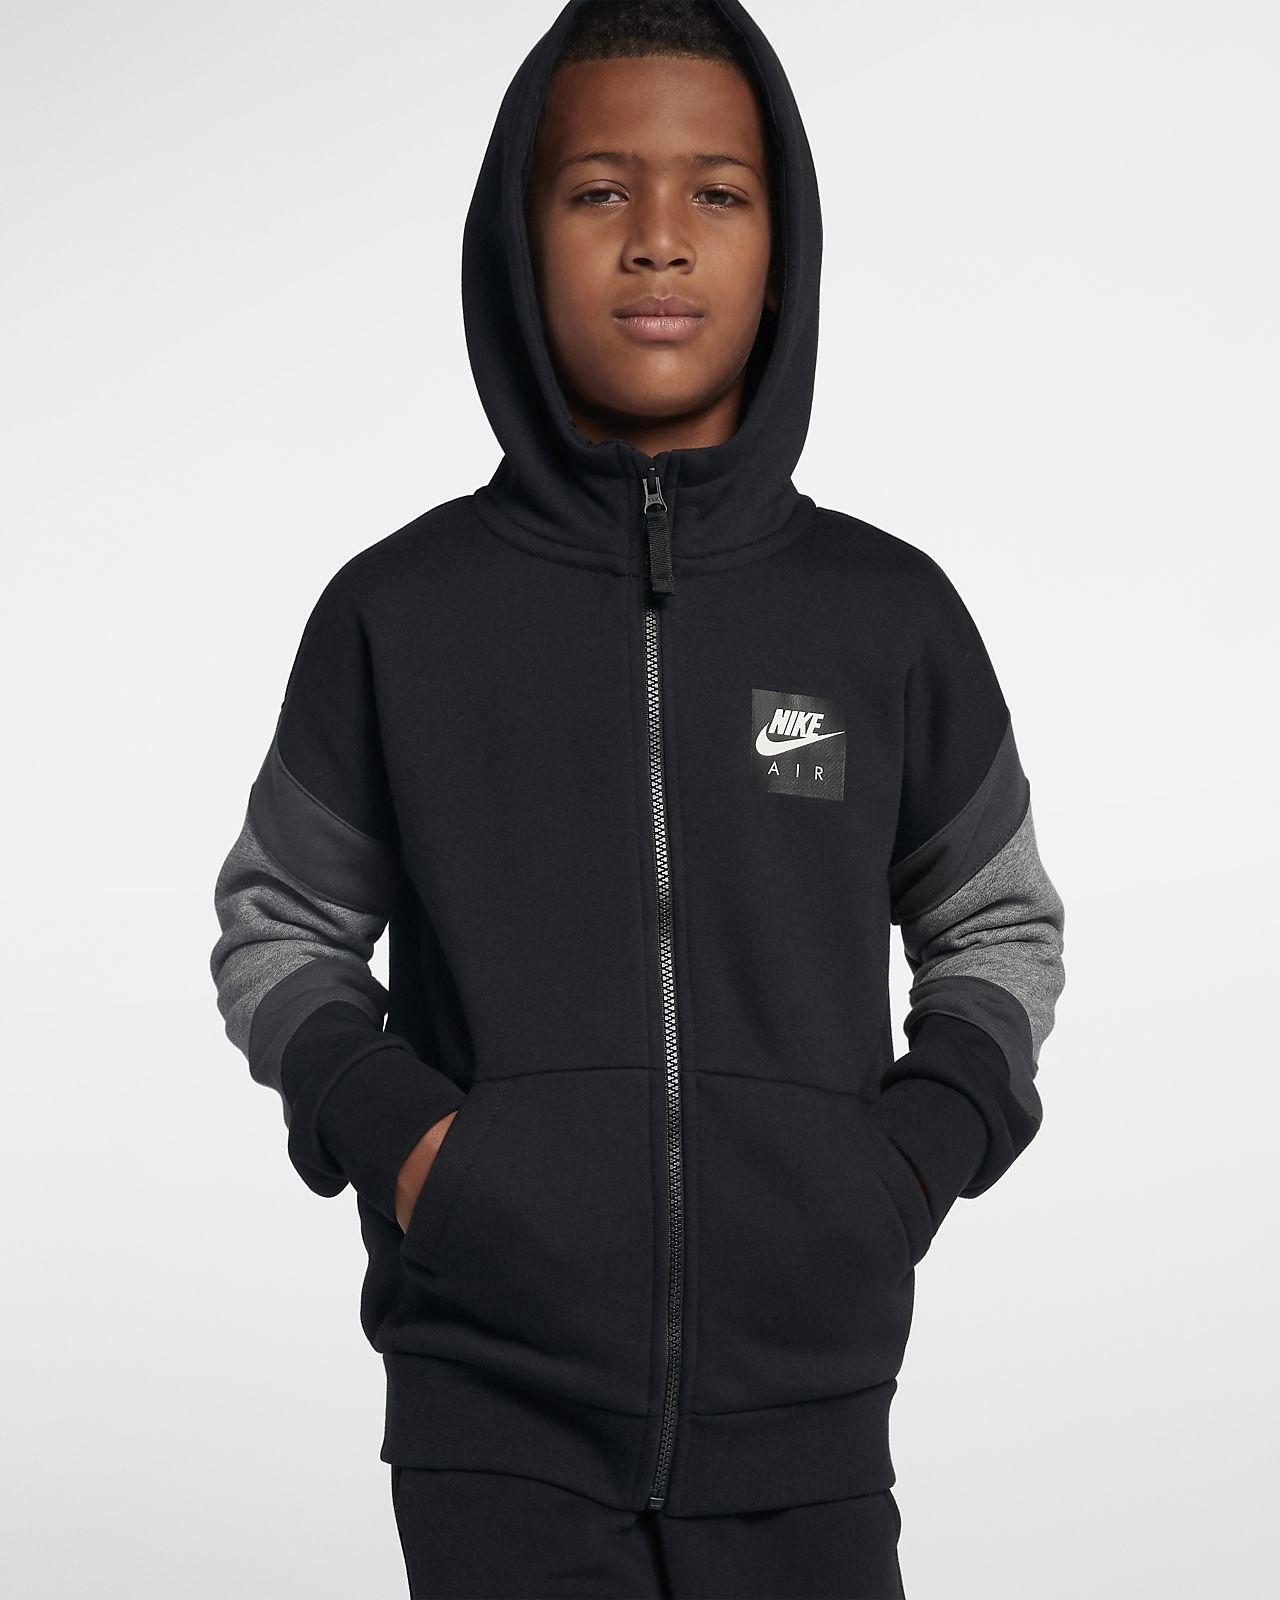 Nike Air hettejakke med hel glidelås til store barn (gutt)